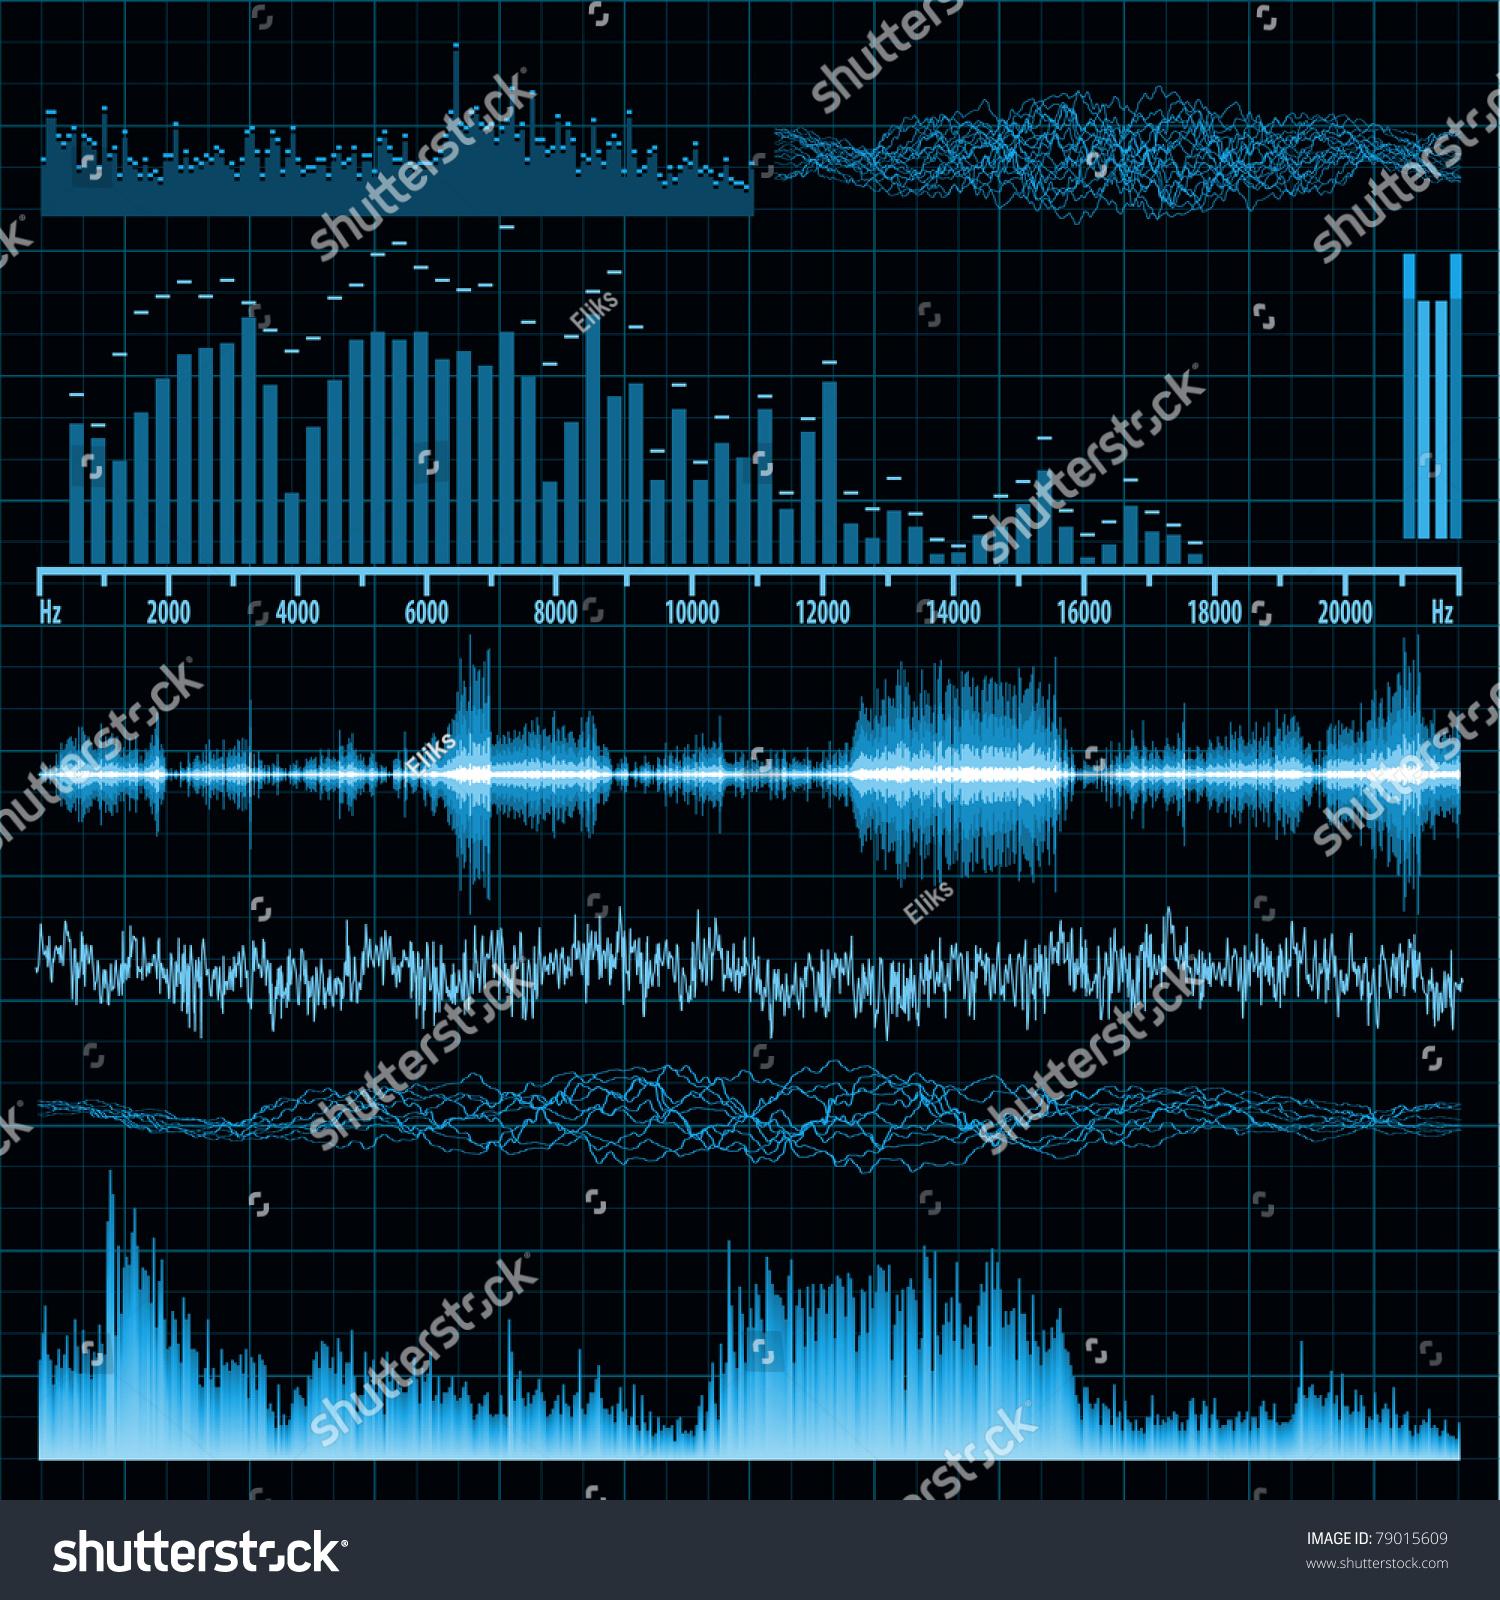 Звук биения сердца mp3 скачать бесплатно